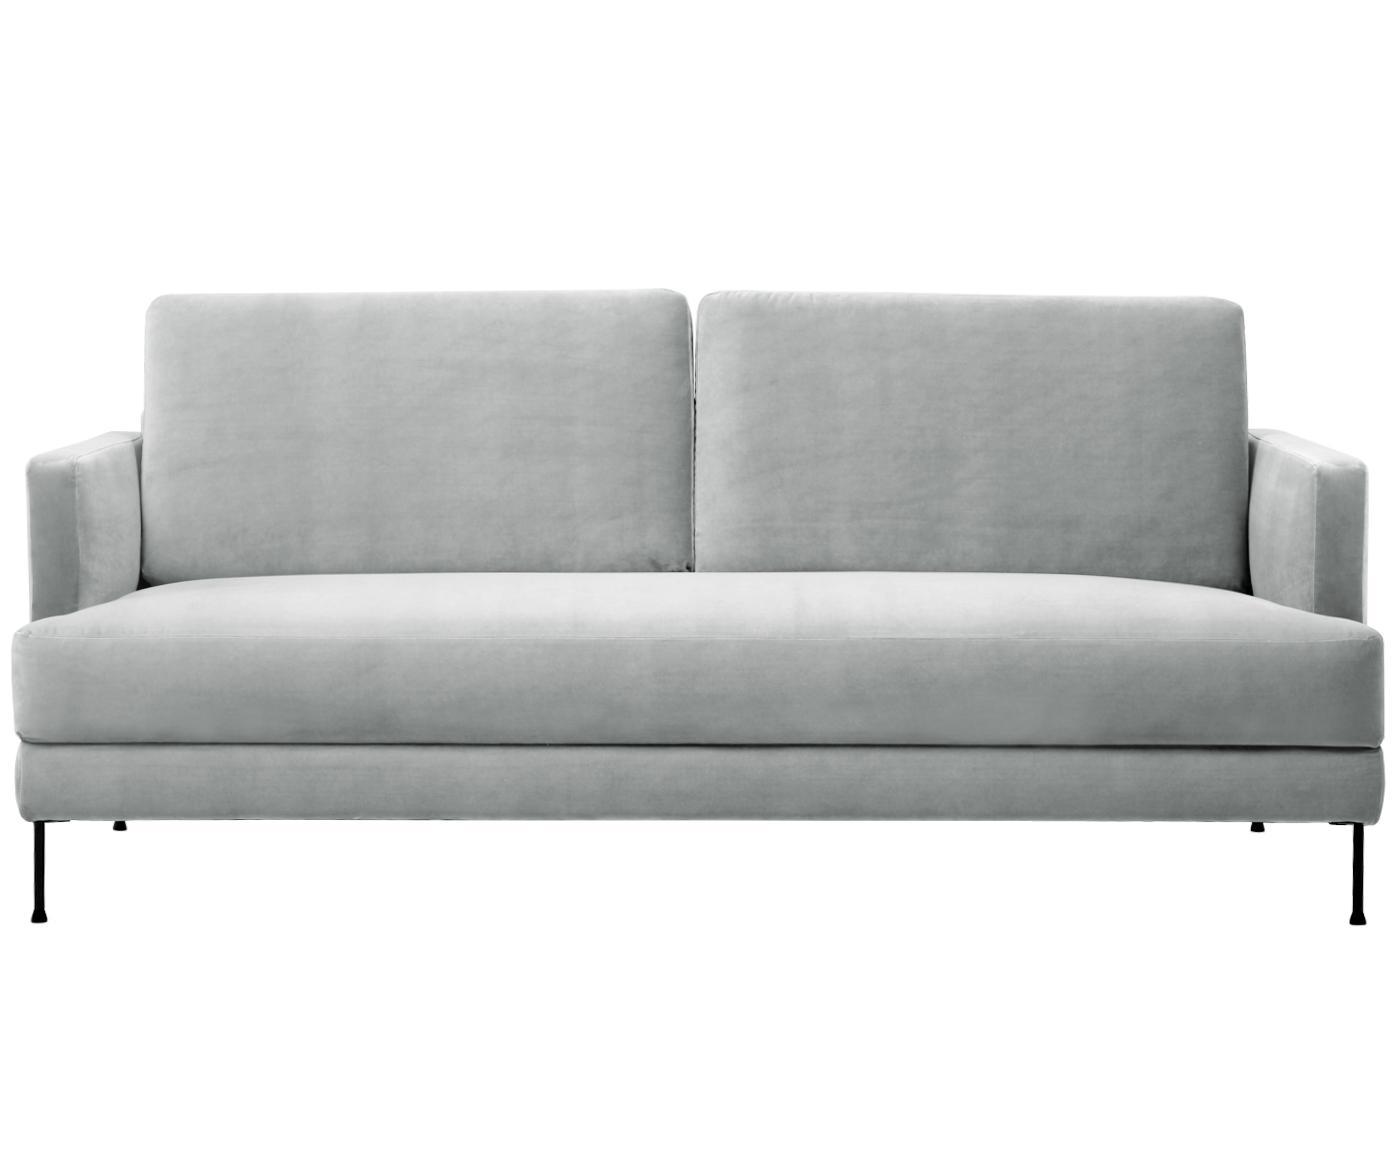 Sofa z aksamitu Fluente (3-osobowa), Tapicerka: aksamit (wysokiej jakości, Stelaż: lite drewno sosnowe, Nogi: metal lakierowany, Aksamitny jasny szary, S 197 x G 83 cm